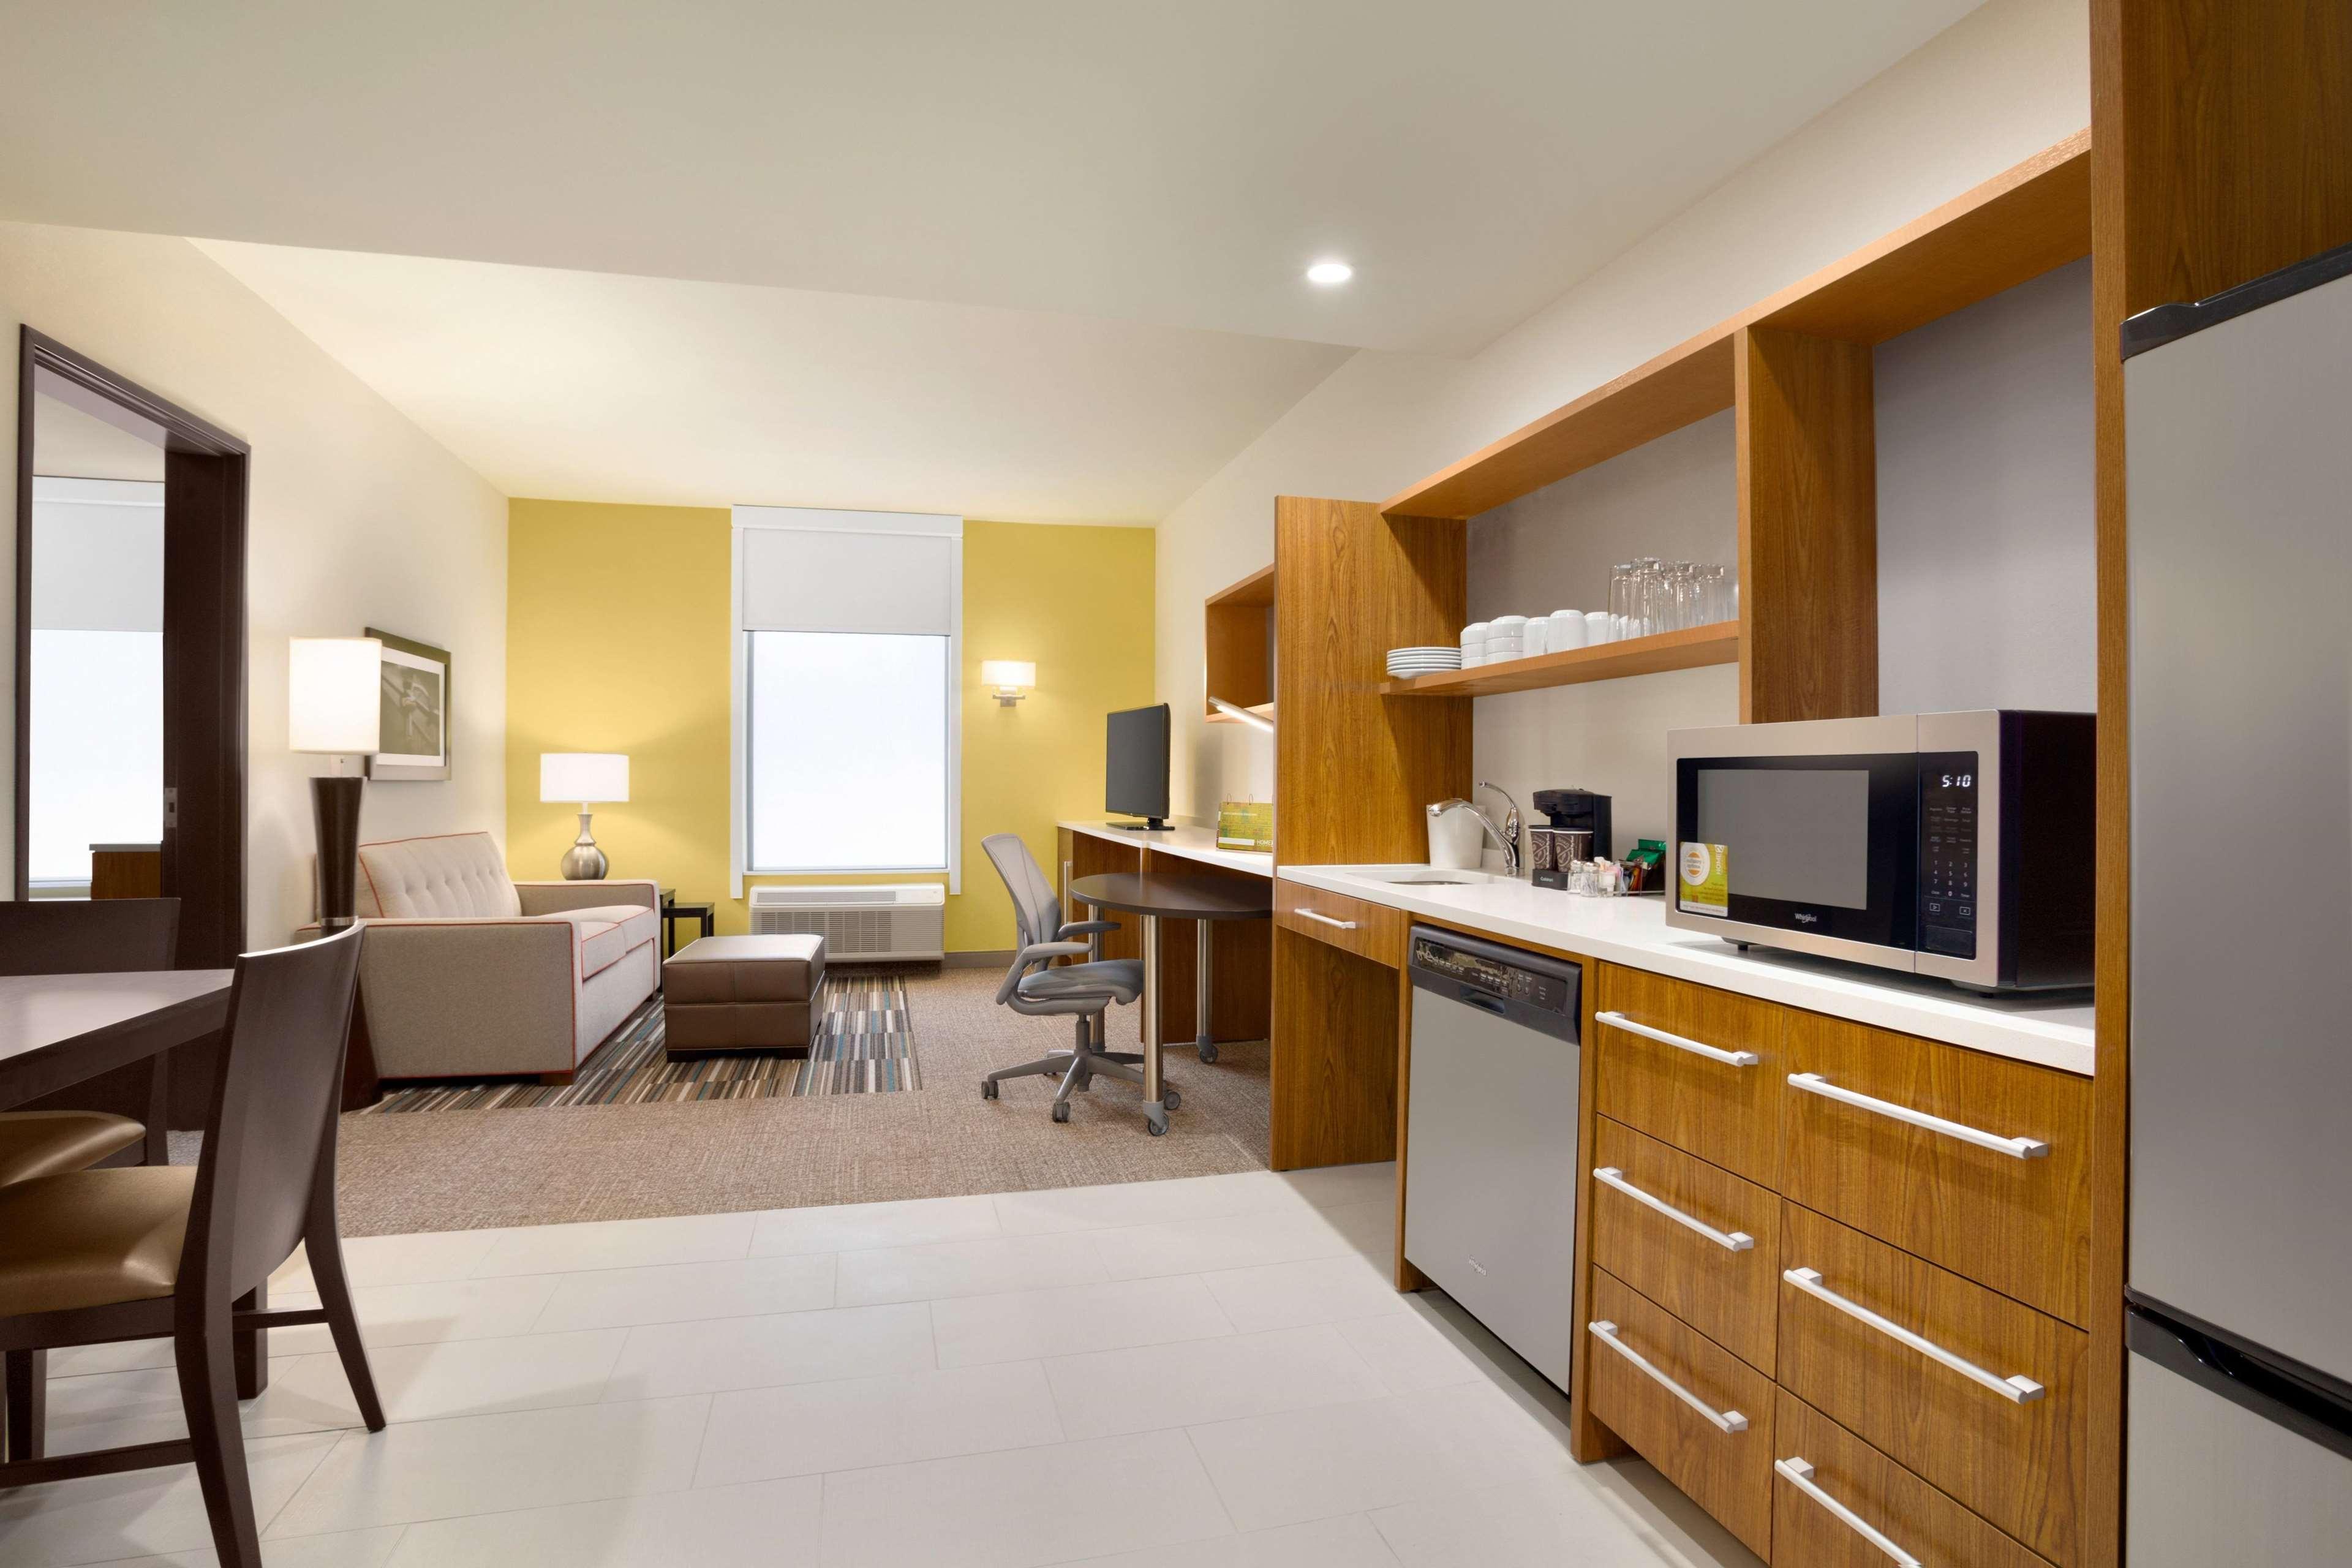 Home2 Suites by Hilton Birmingham Downtown image 20